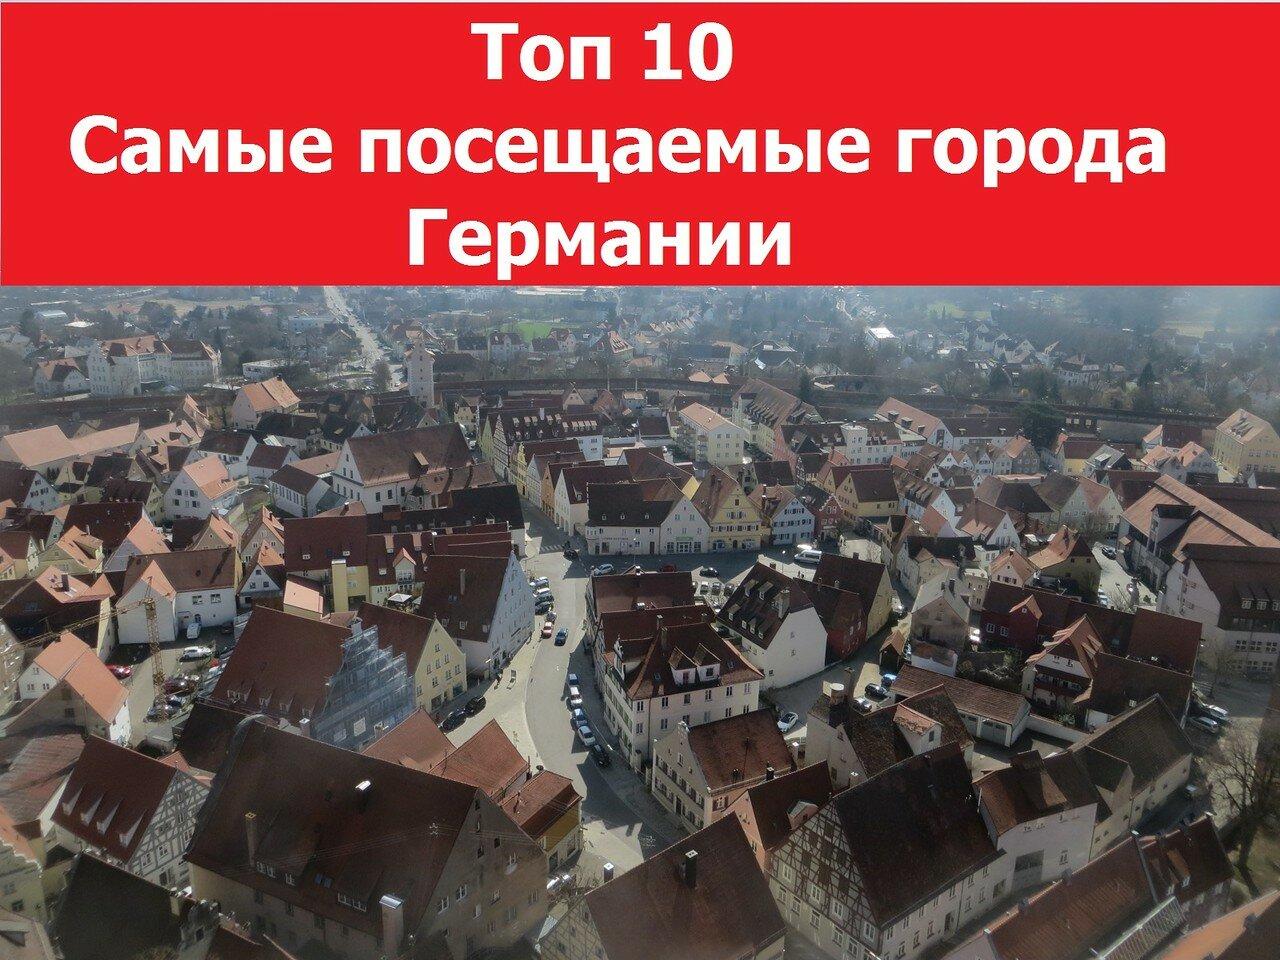 Самые посещаемые города Германии. Топ-10